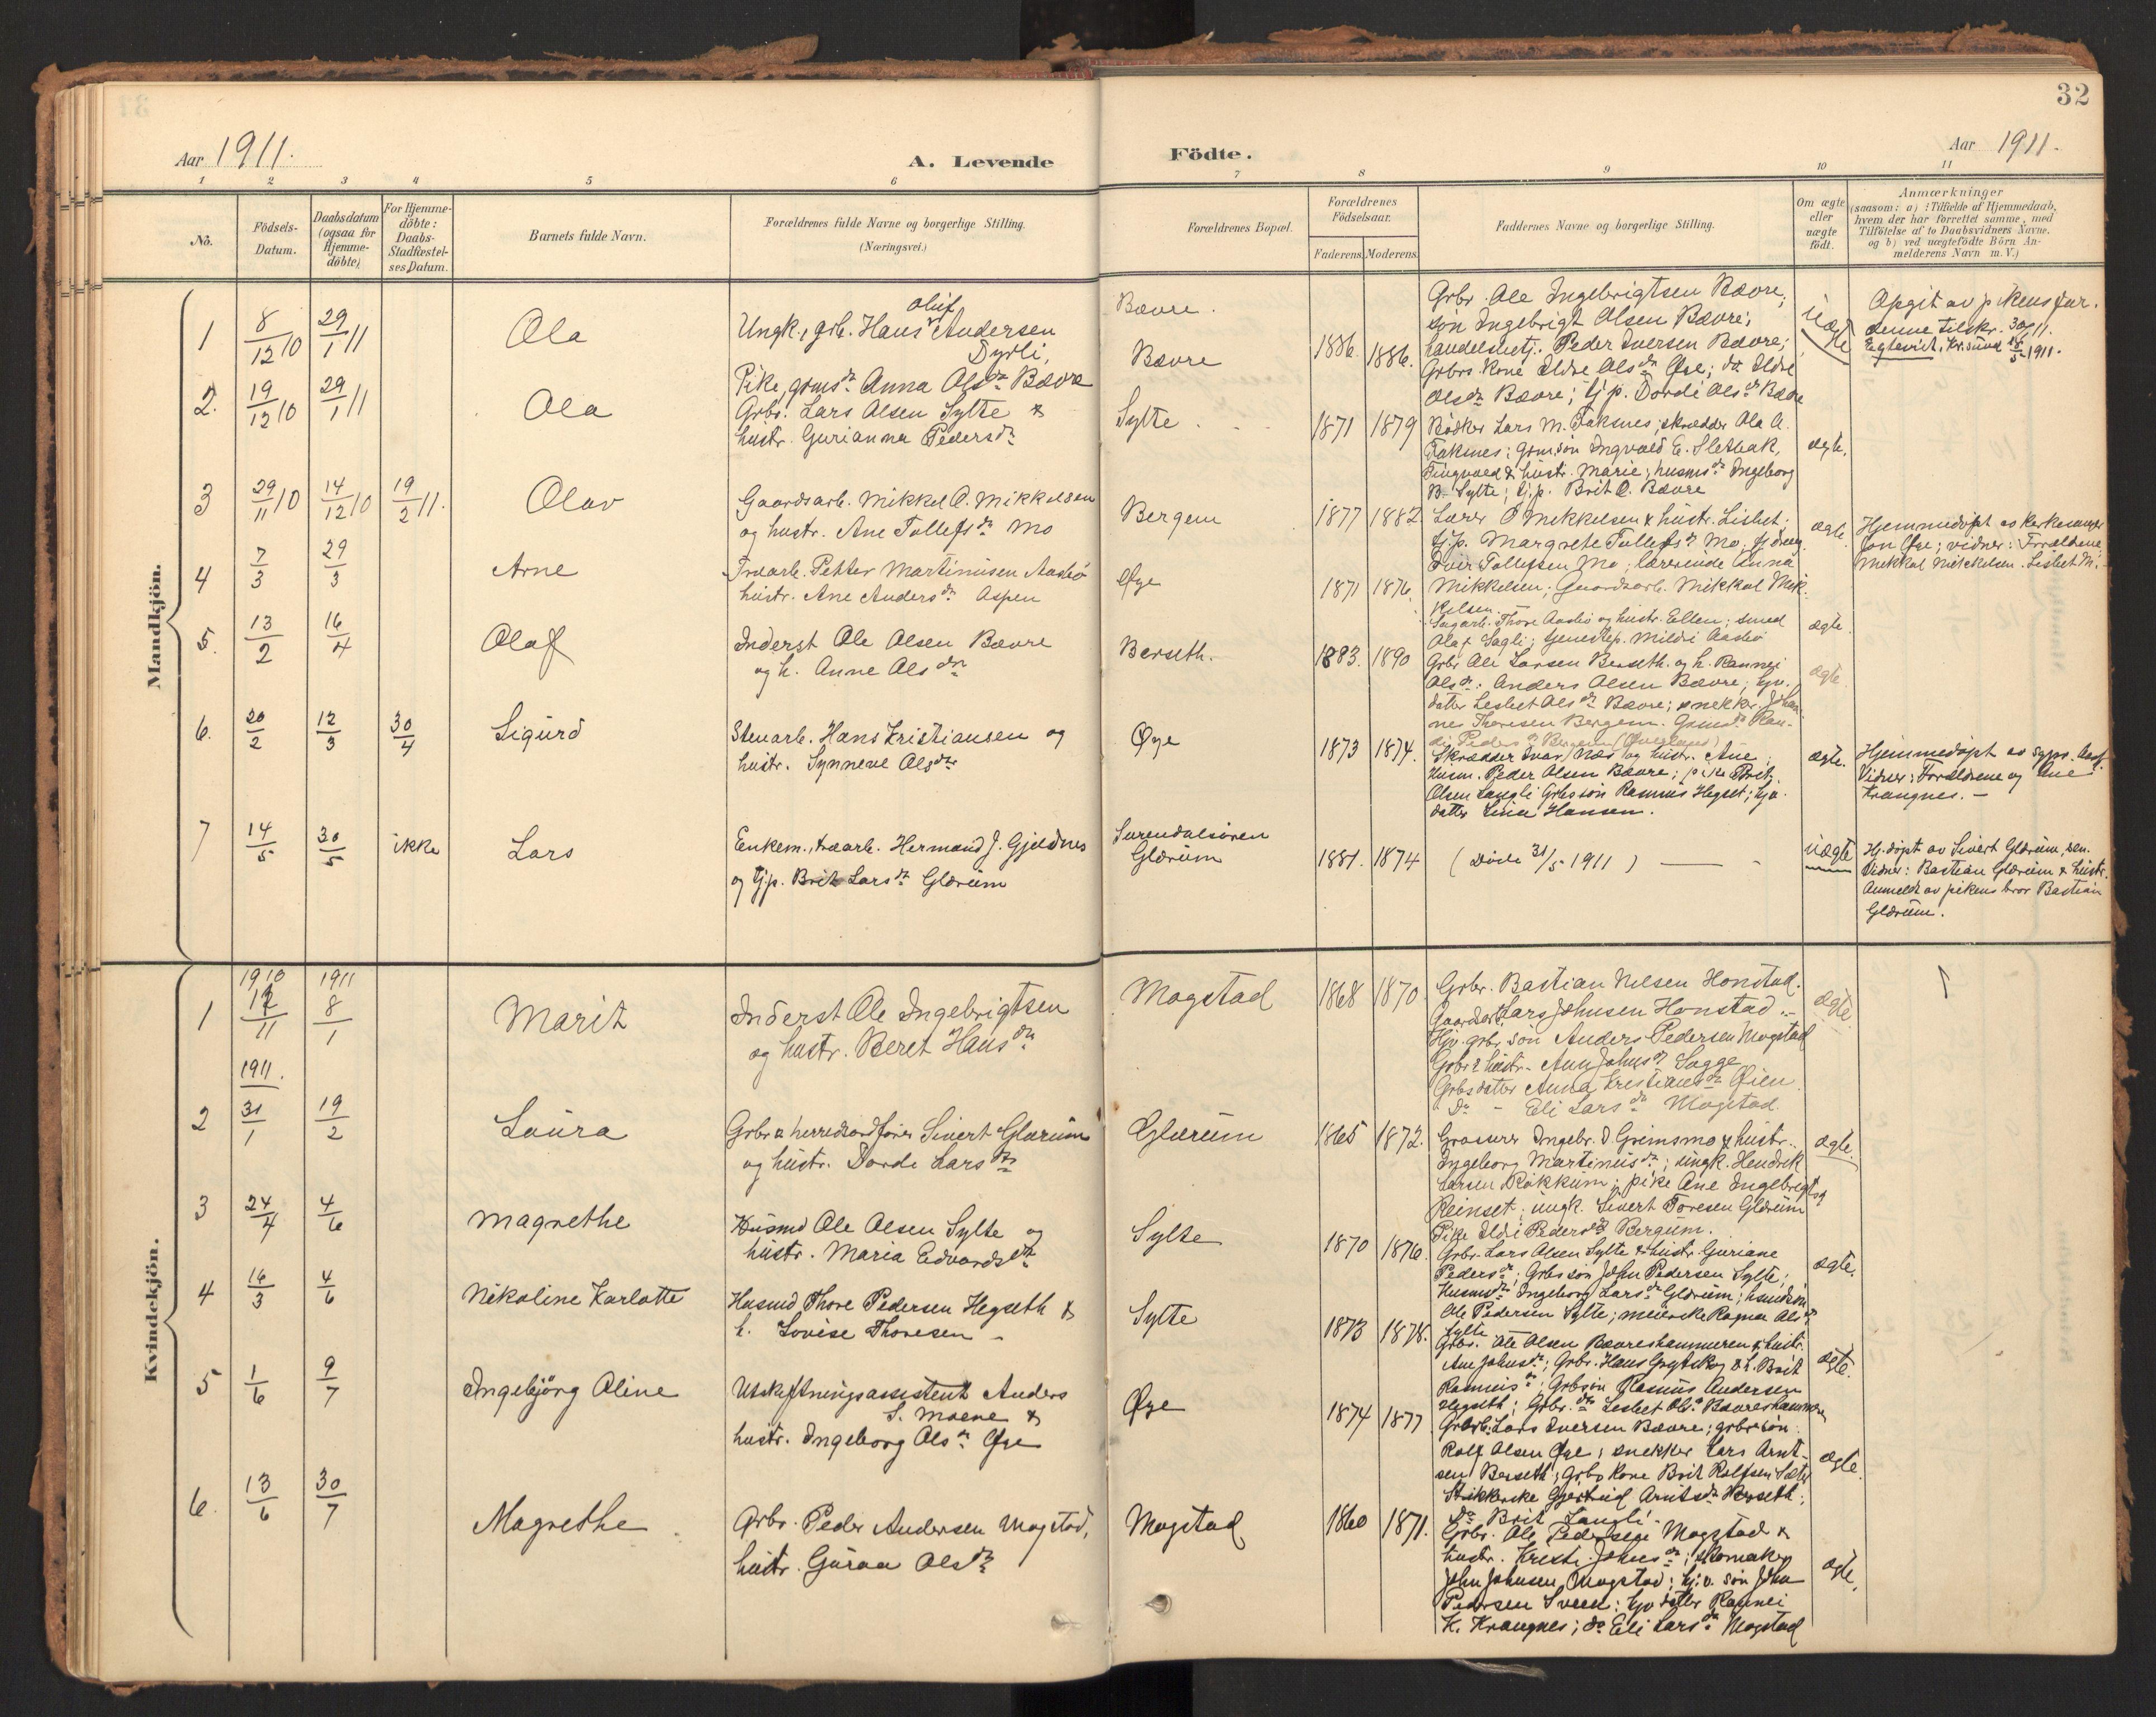 SAT, Ministerialprotokoller, klokkerbøker og fødselsregistre - Møre og Romsdal, 595/L1048: Ministerialbok nr. 595A10, 1900-1917, s. 32